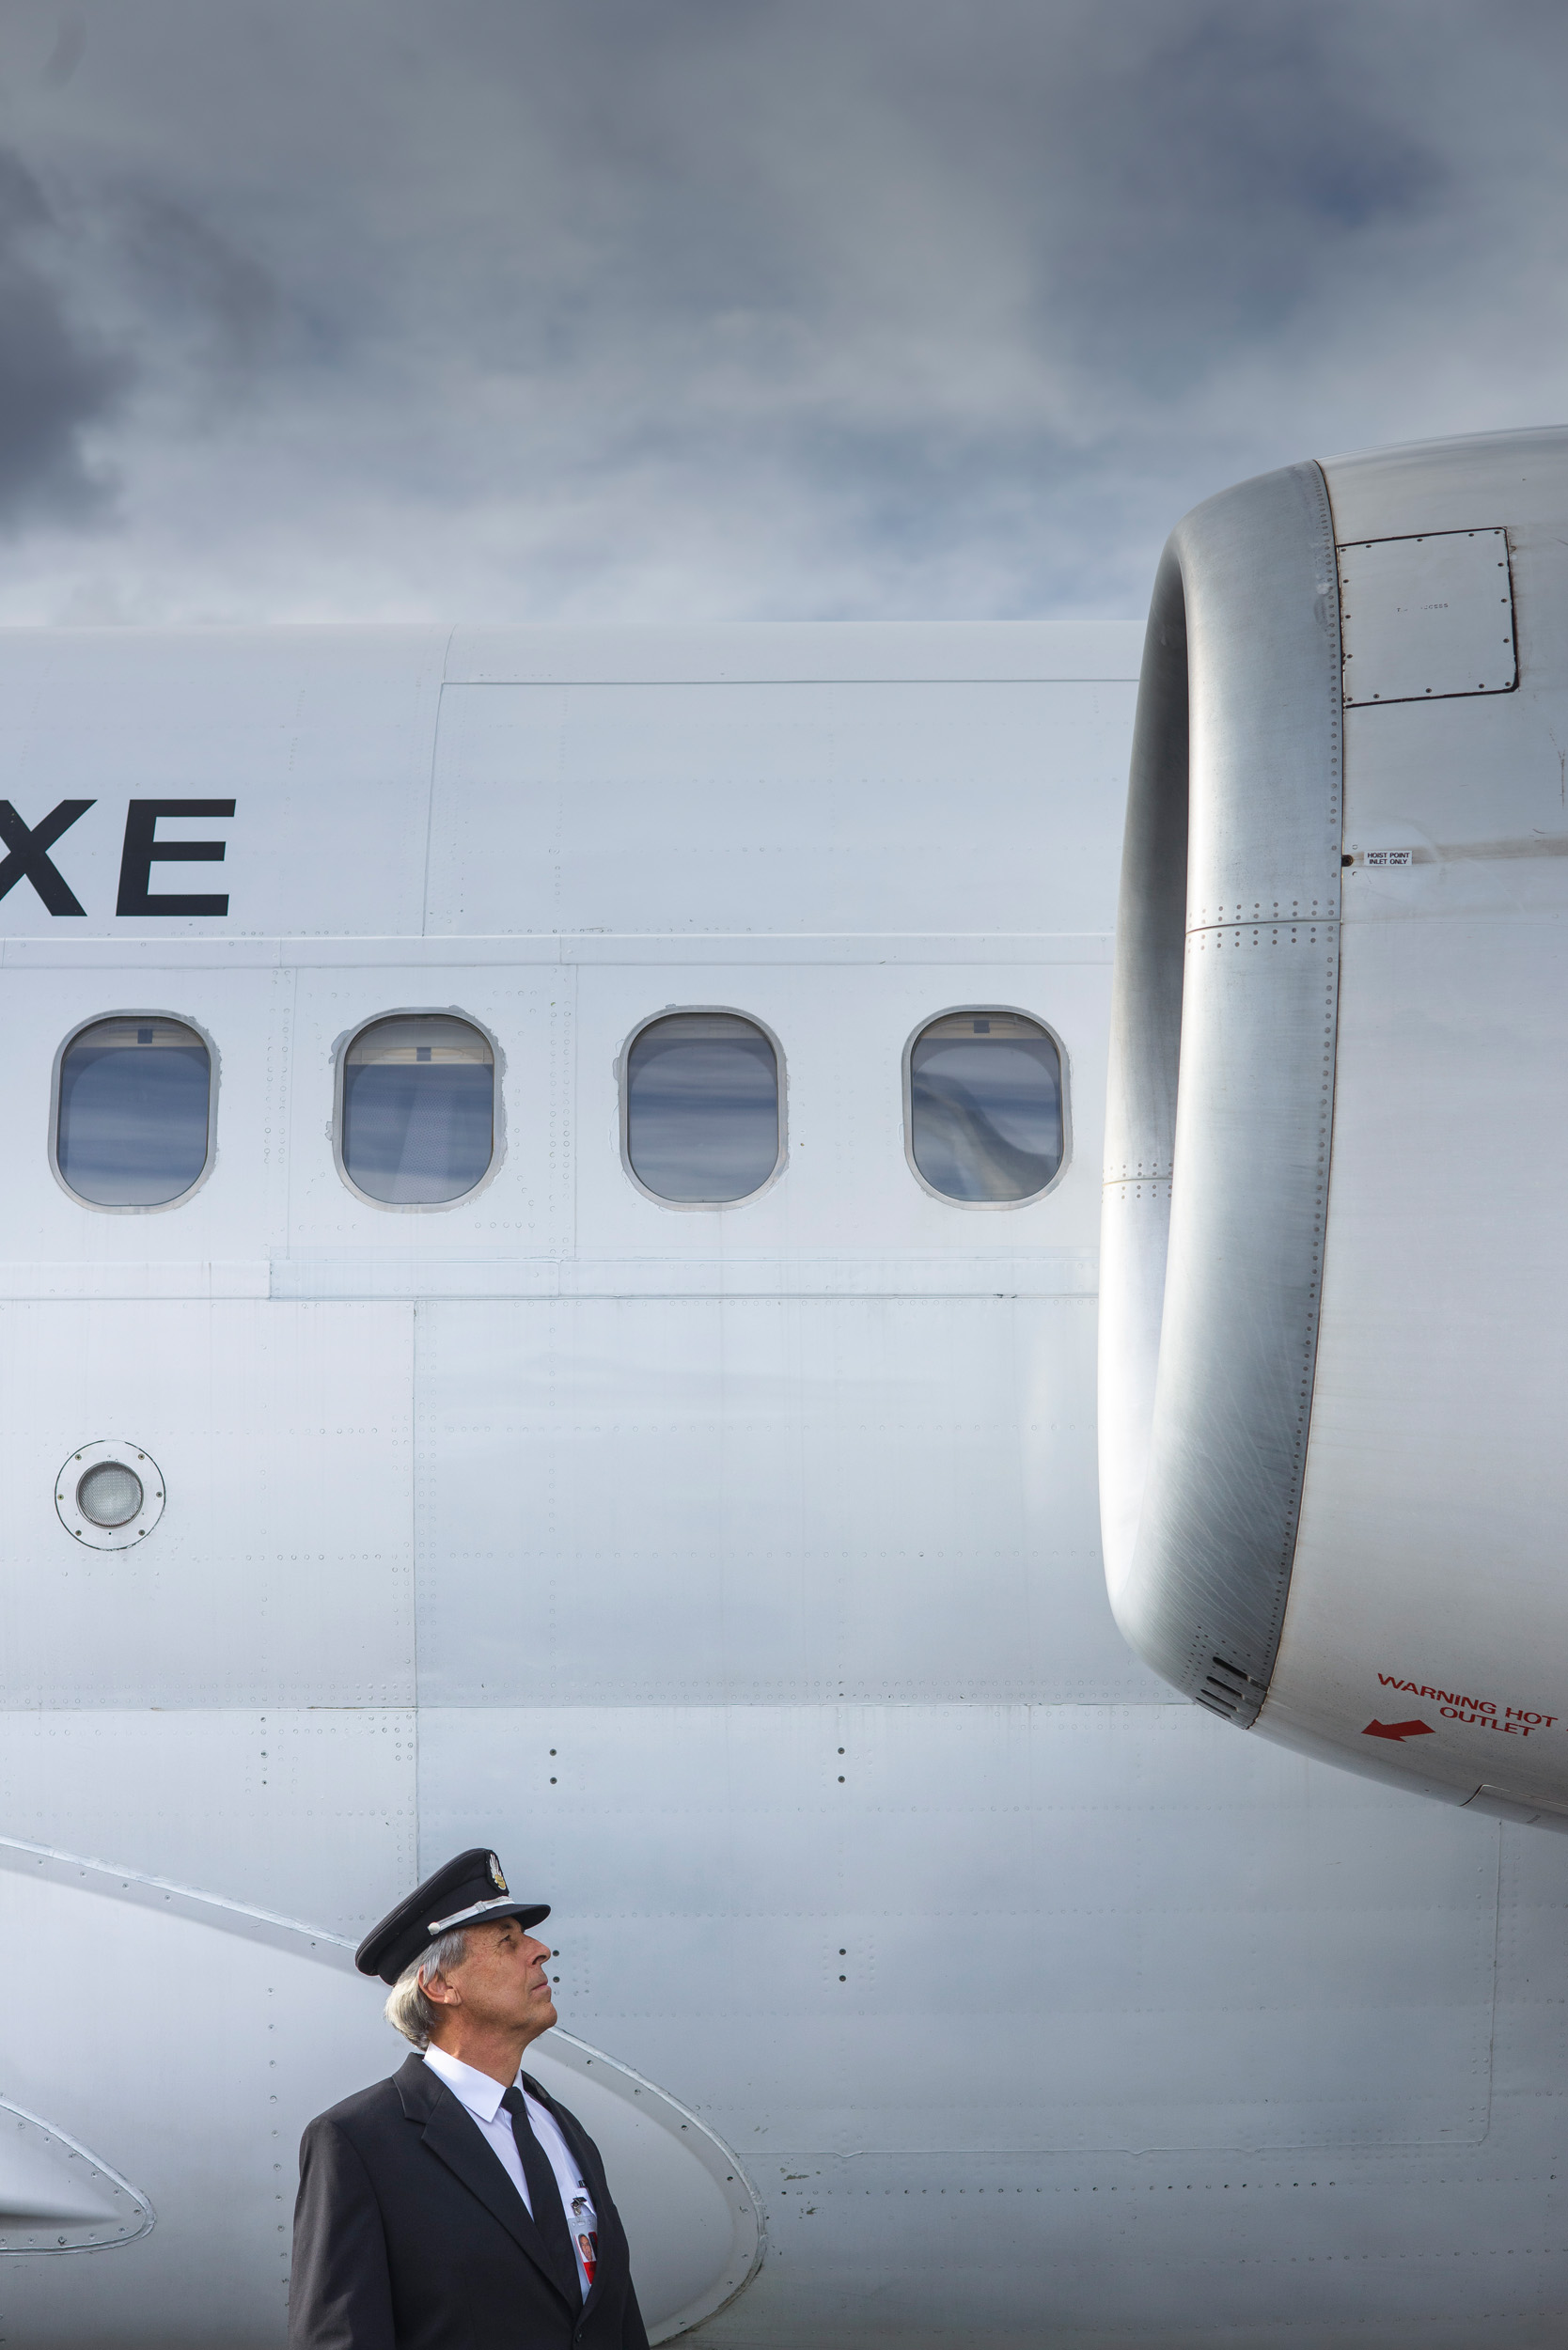 simon.casson.adelaide.aviation.photographer.012.jpg